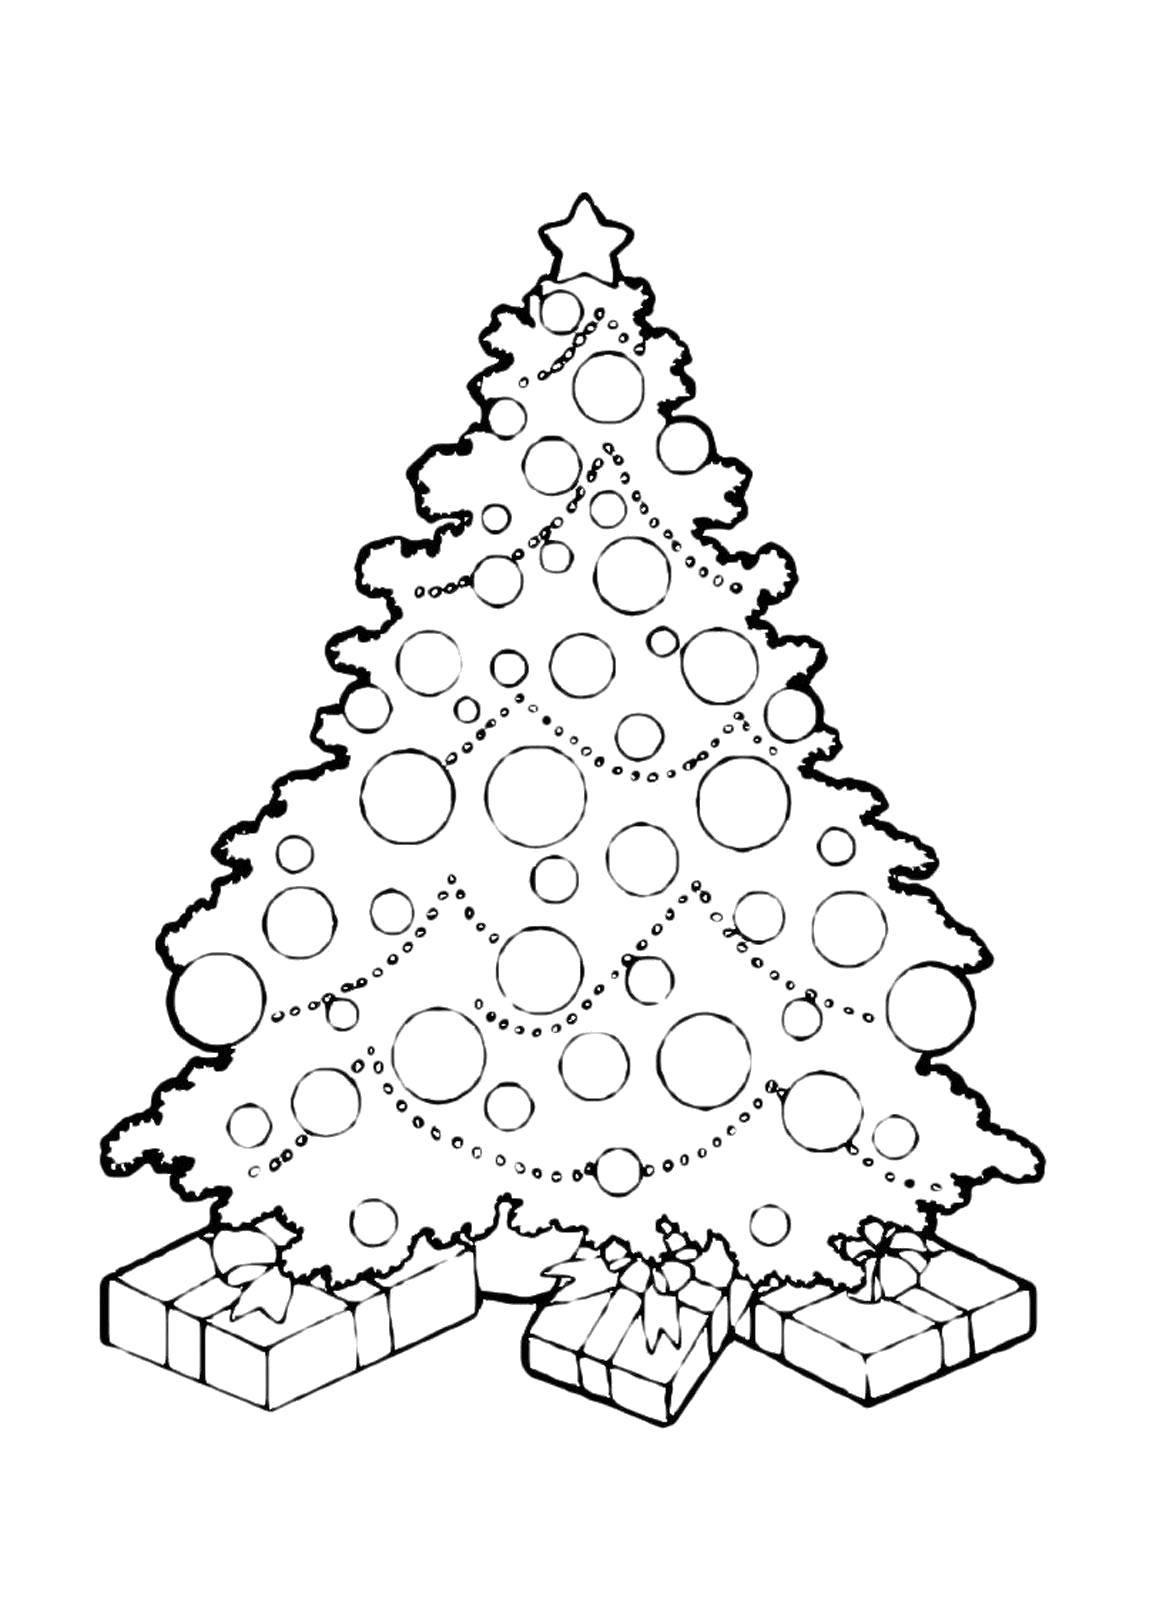 Раскраска Раскраски по временам года Скачать ,Новый Год, ёлка, подарки, игрушки,.  Распечатать